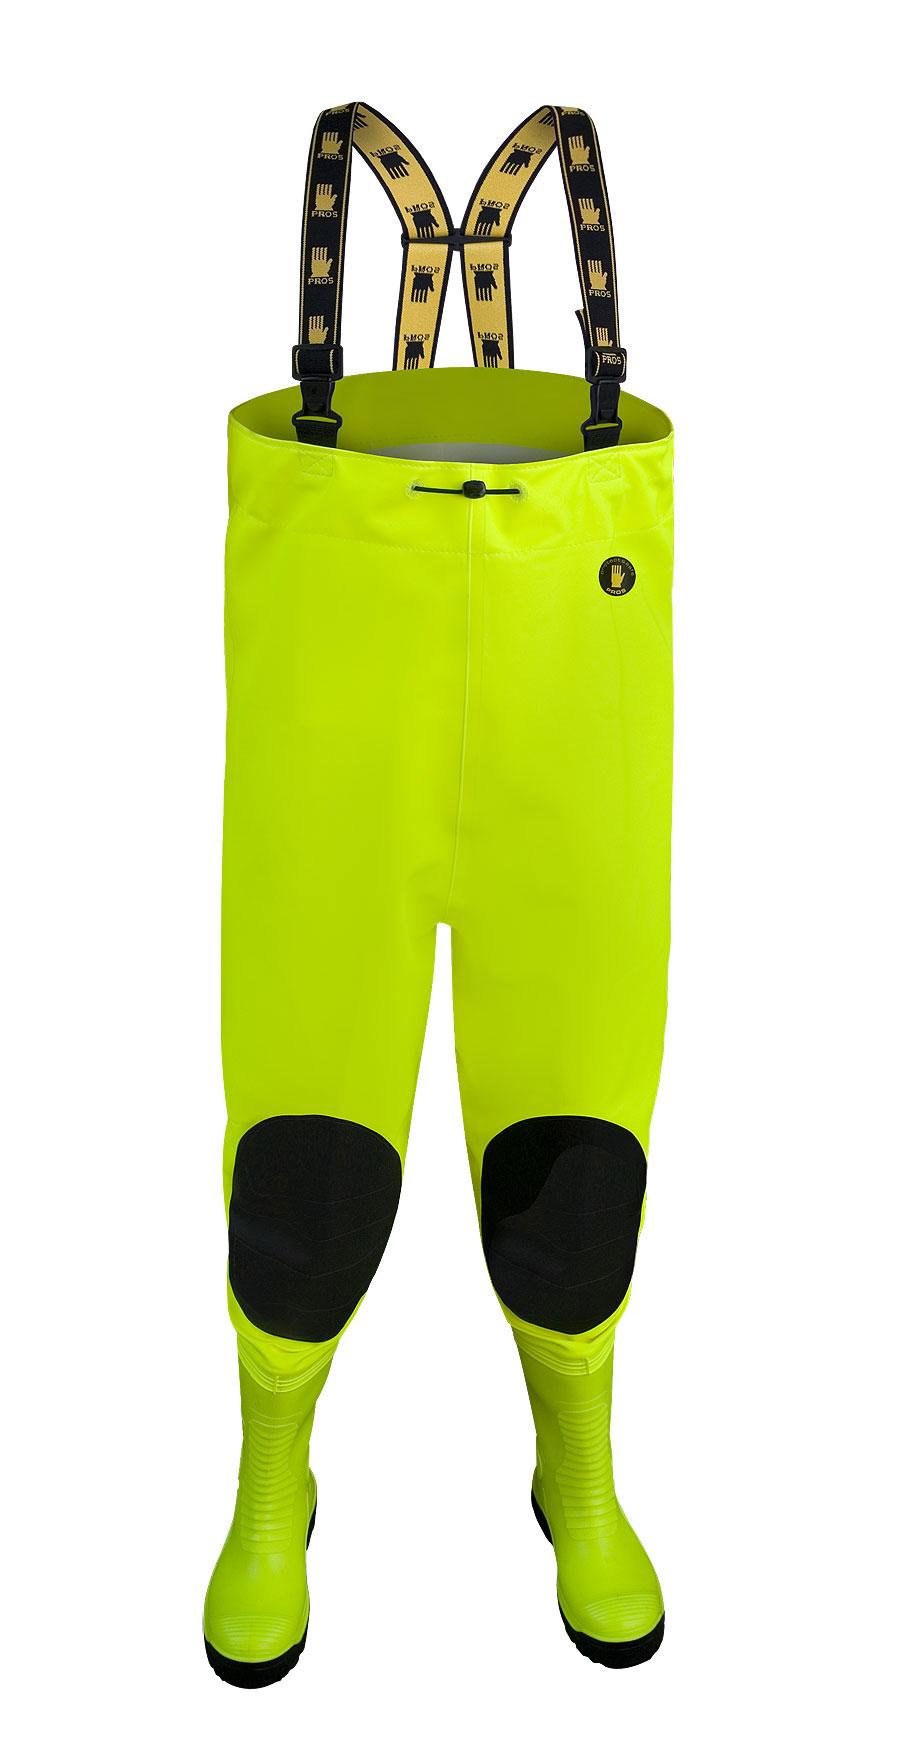 Brodící kalhoty MAX Fluo žluté vel.41    SBM01 Fluo žl.  PROS